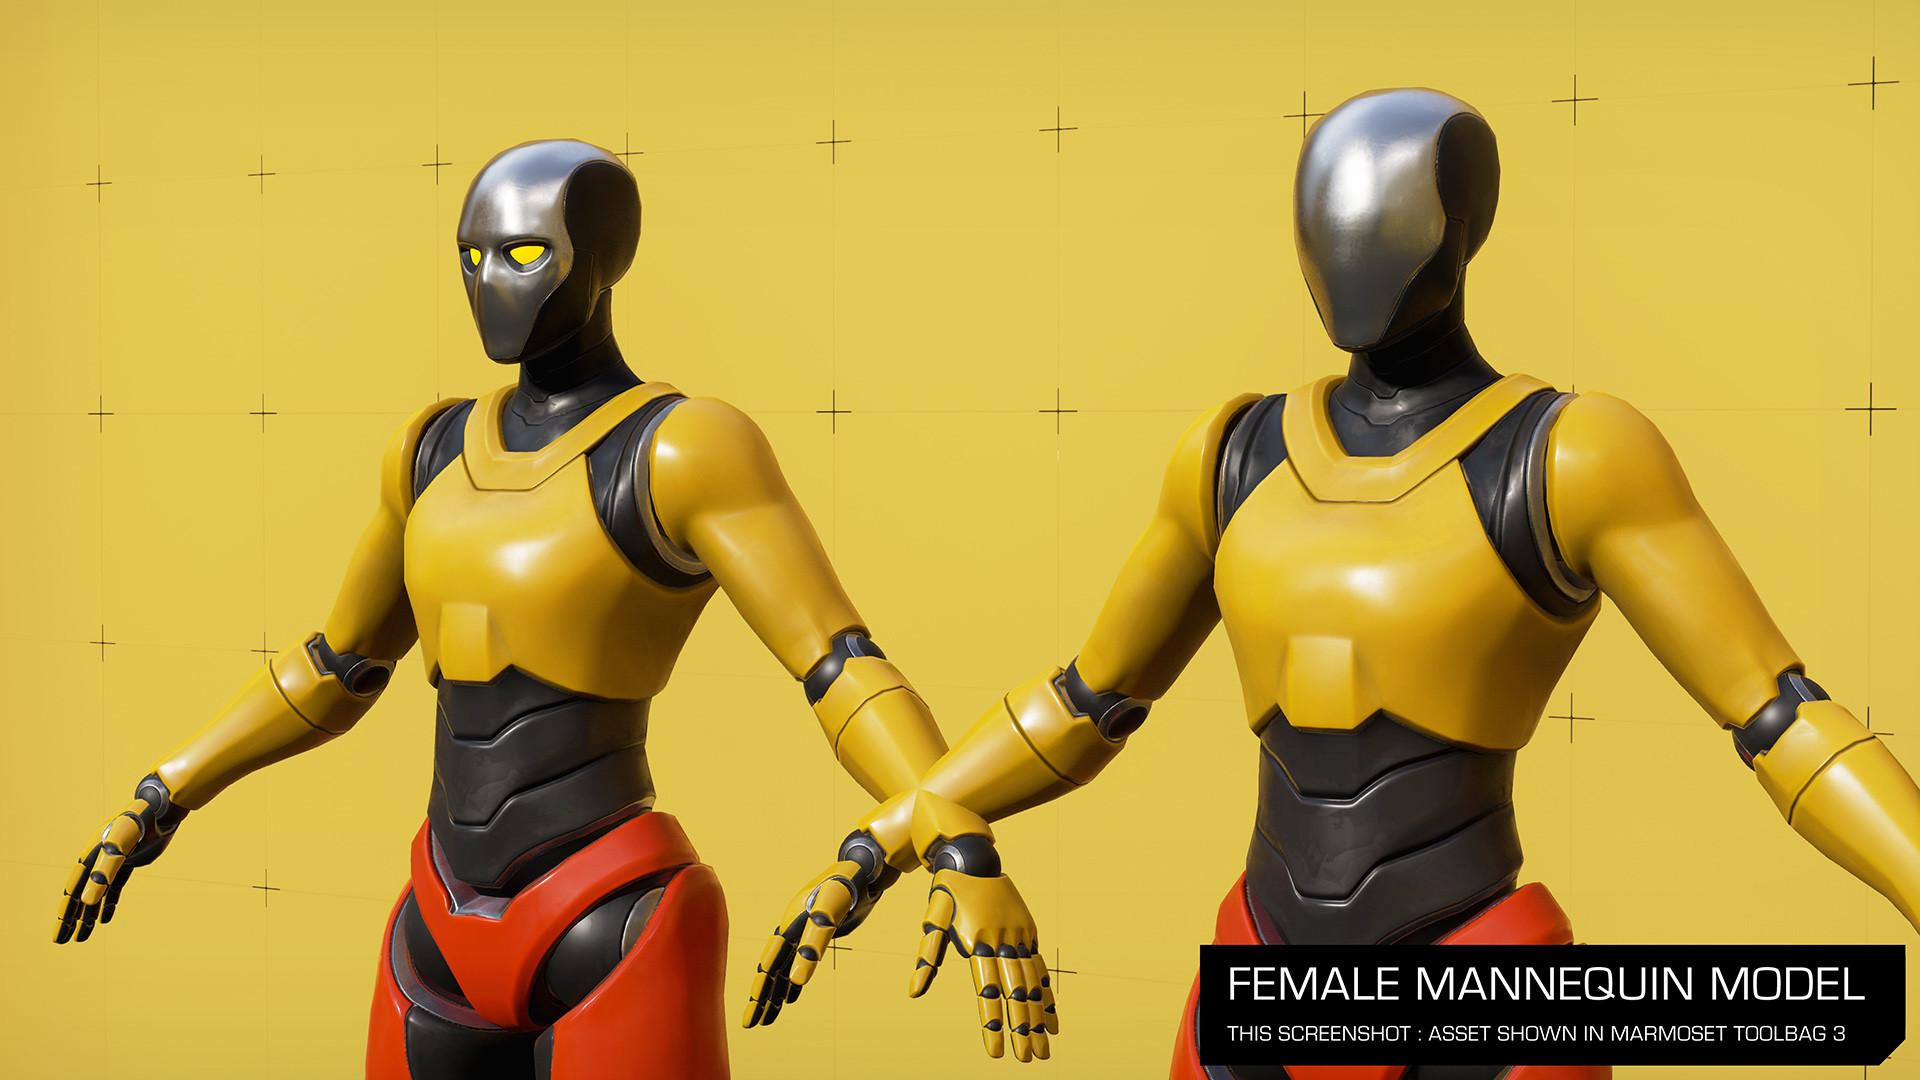 ArtStation - Female mannequin model for UE4, Unity and